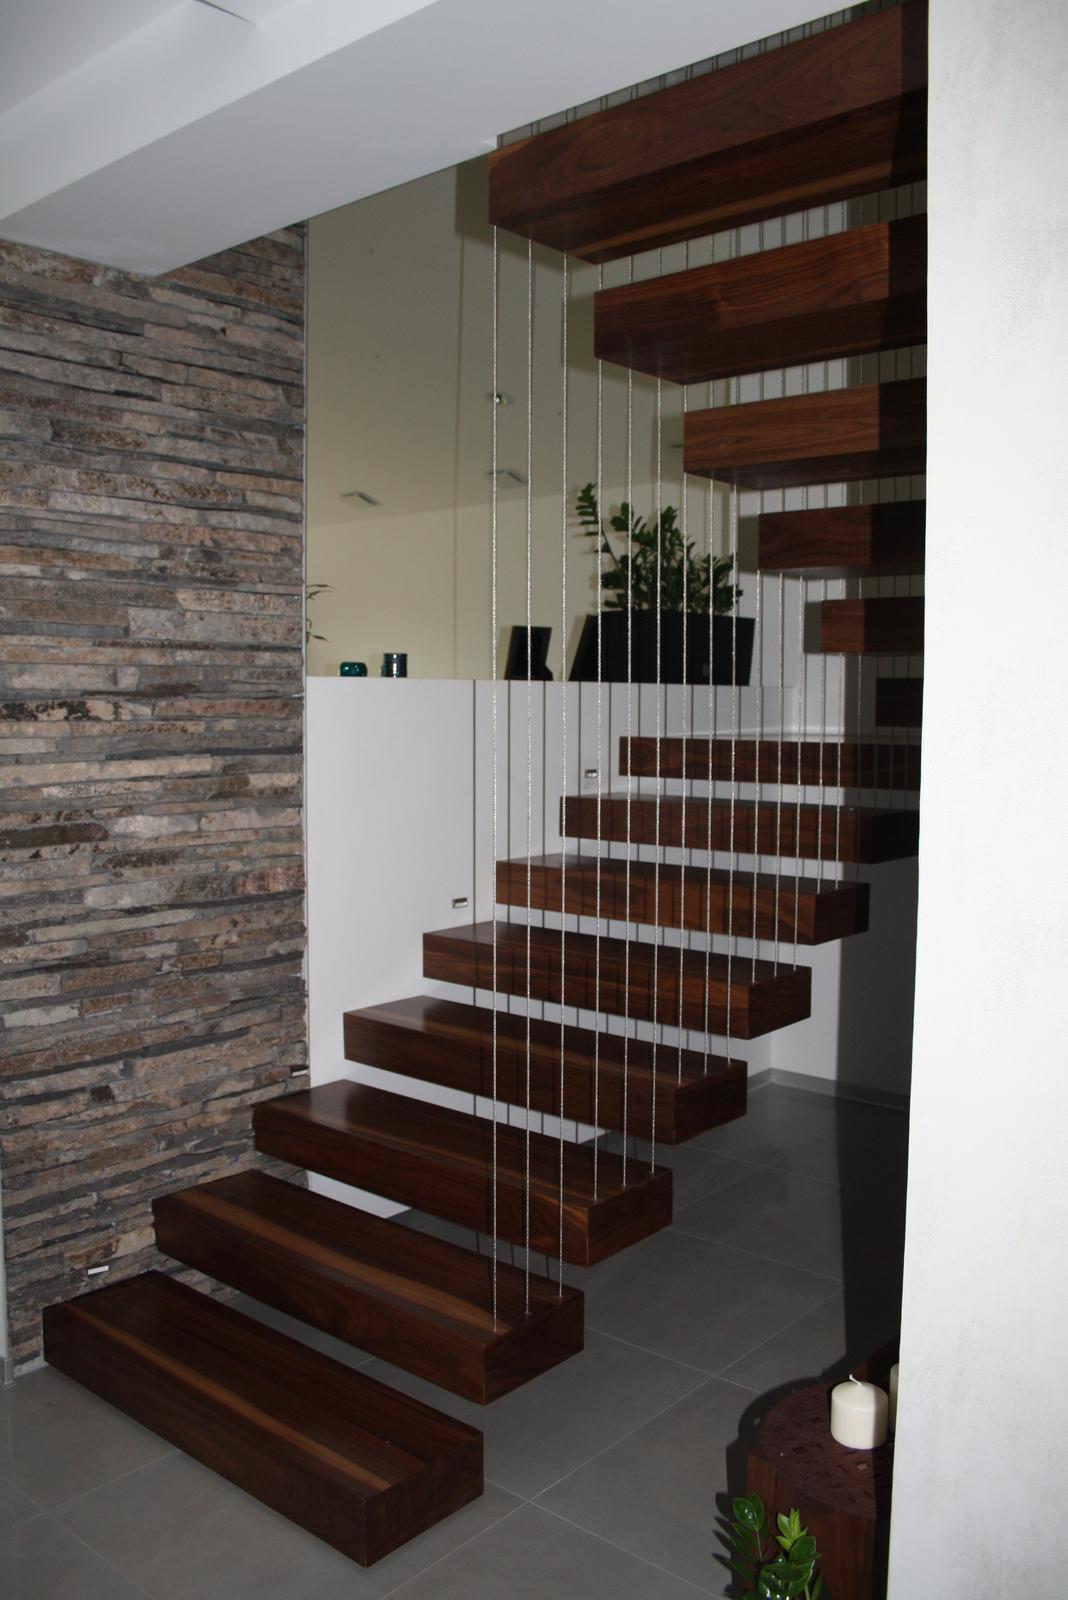 Náš dom - Schody bez zábradlia:)